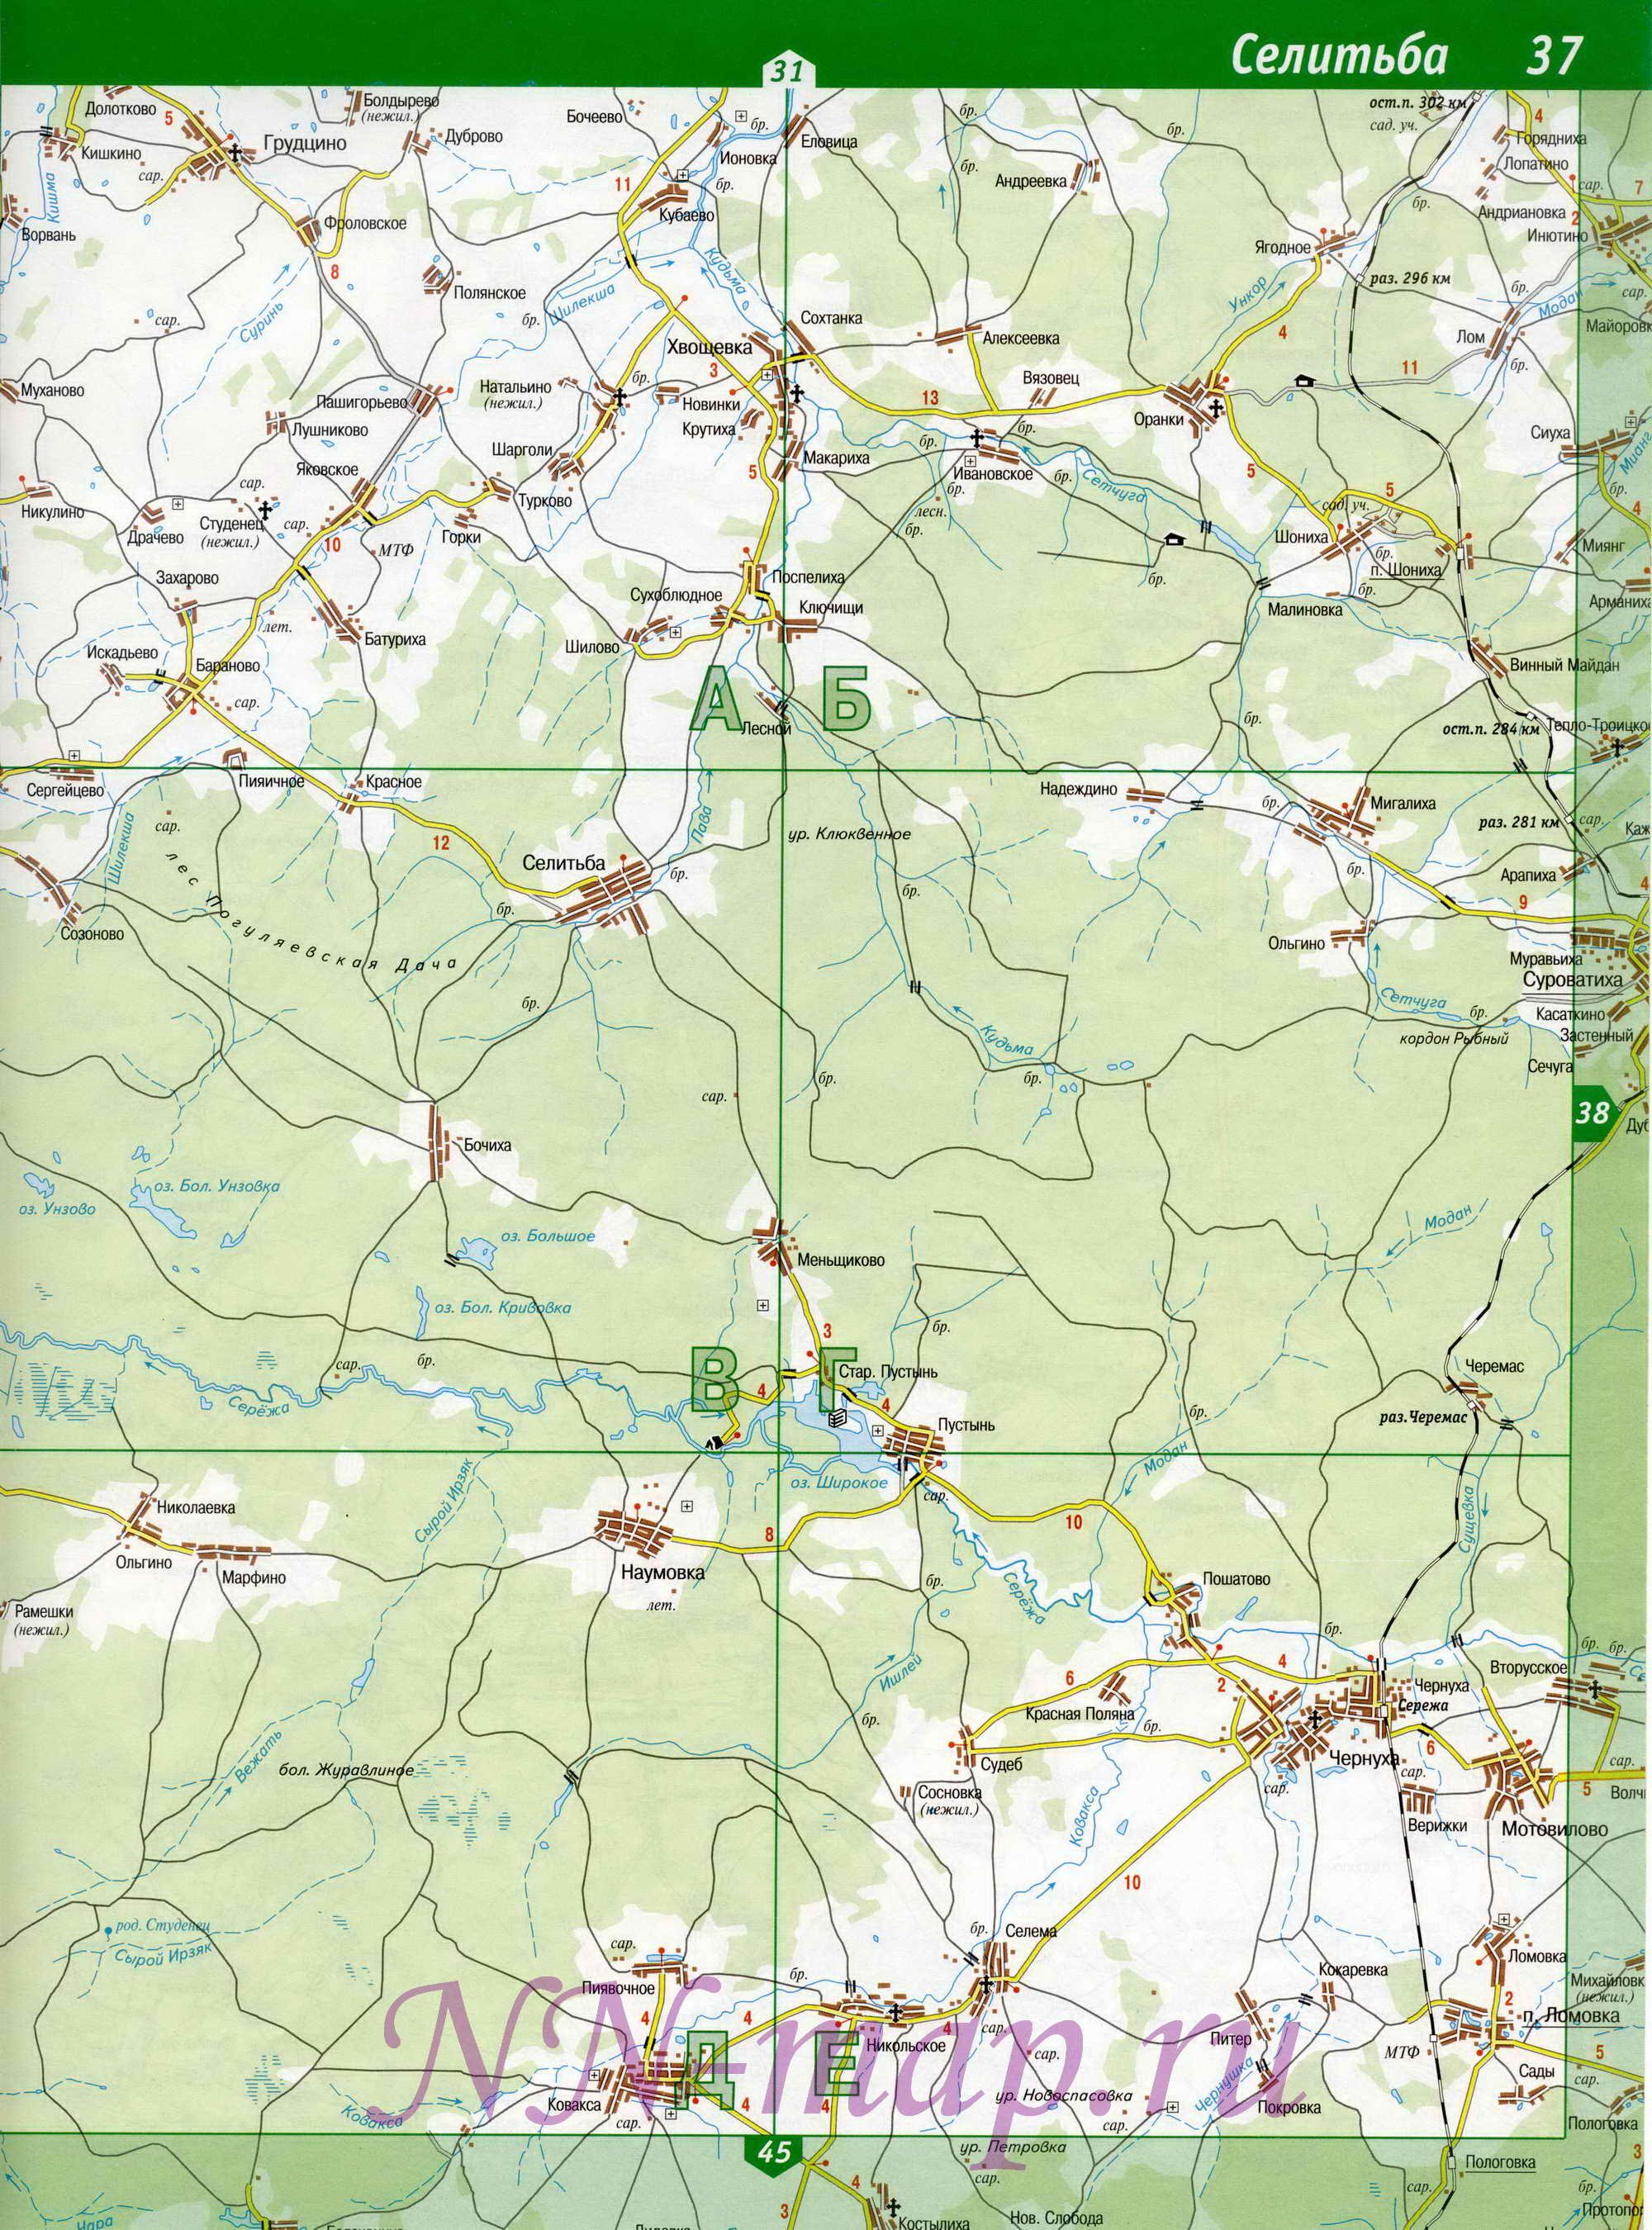 Карта Арзамасского района.  Подробная карта дорог Нижегородской области - Арзамасский район.